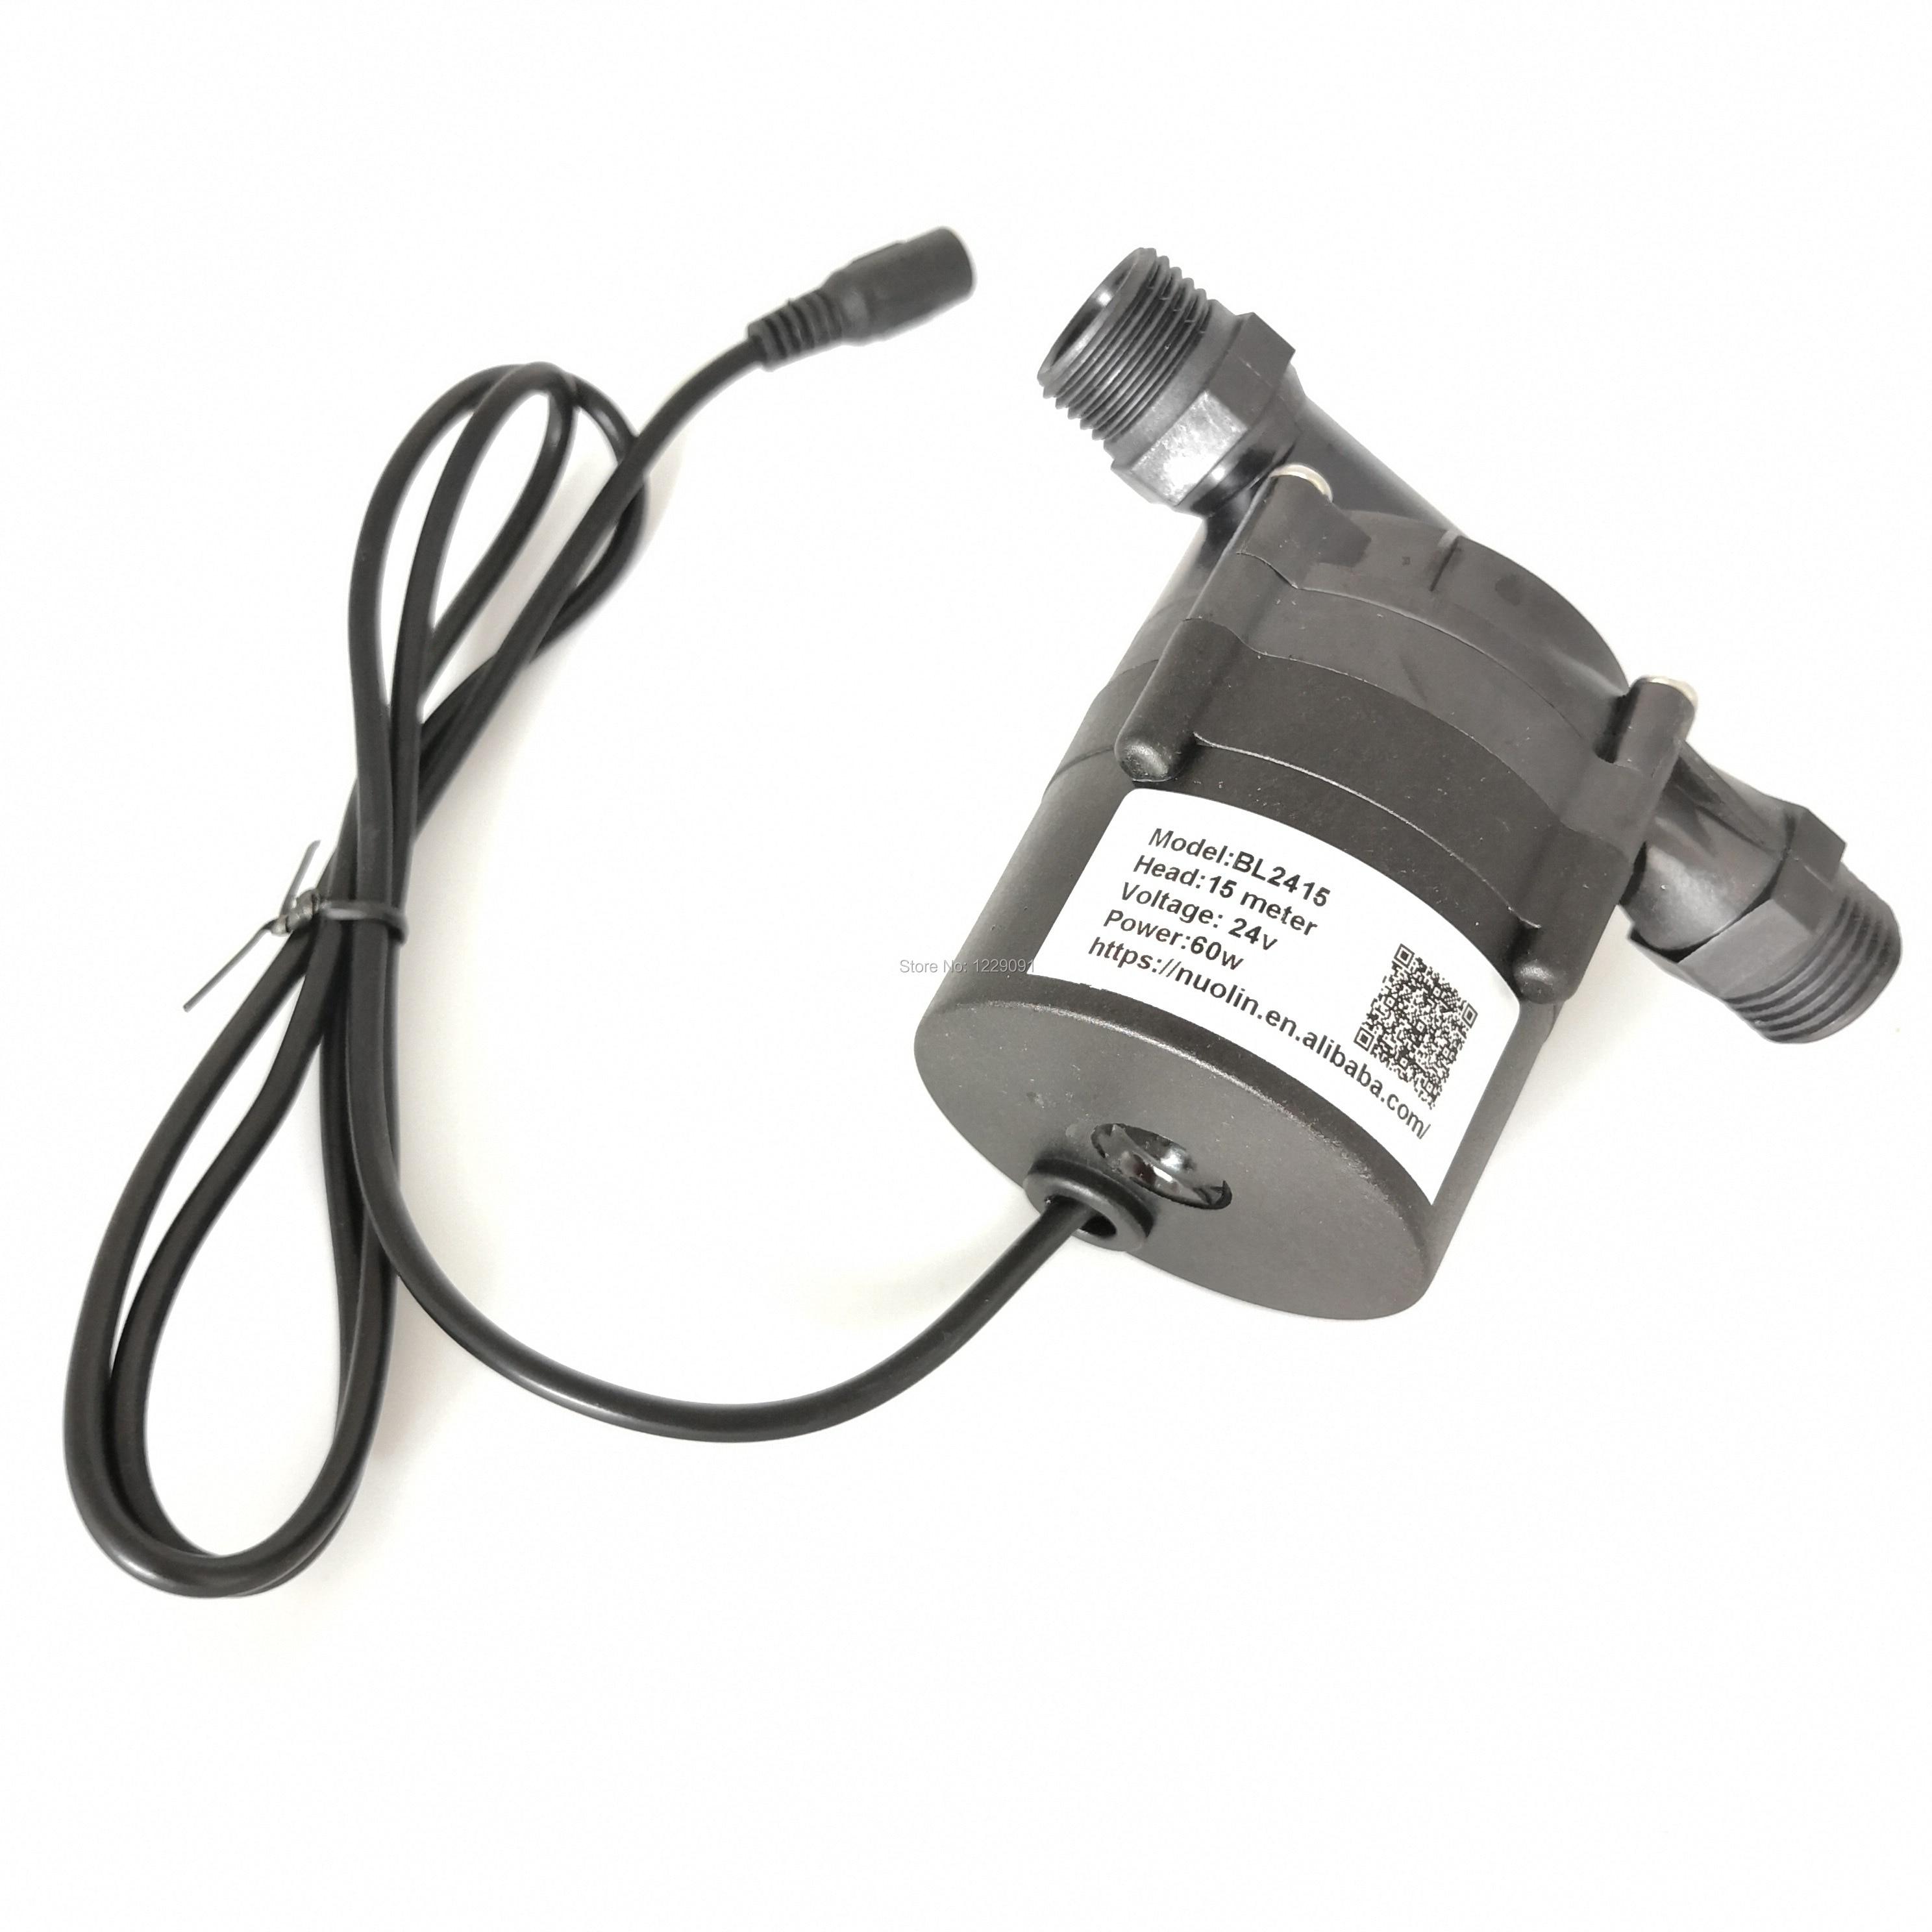 60w DC 24V 15M dusche booster Pumpe bürstenlosen Motor laufrad pumpe solar wasser heizung druck pumpe